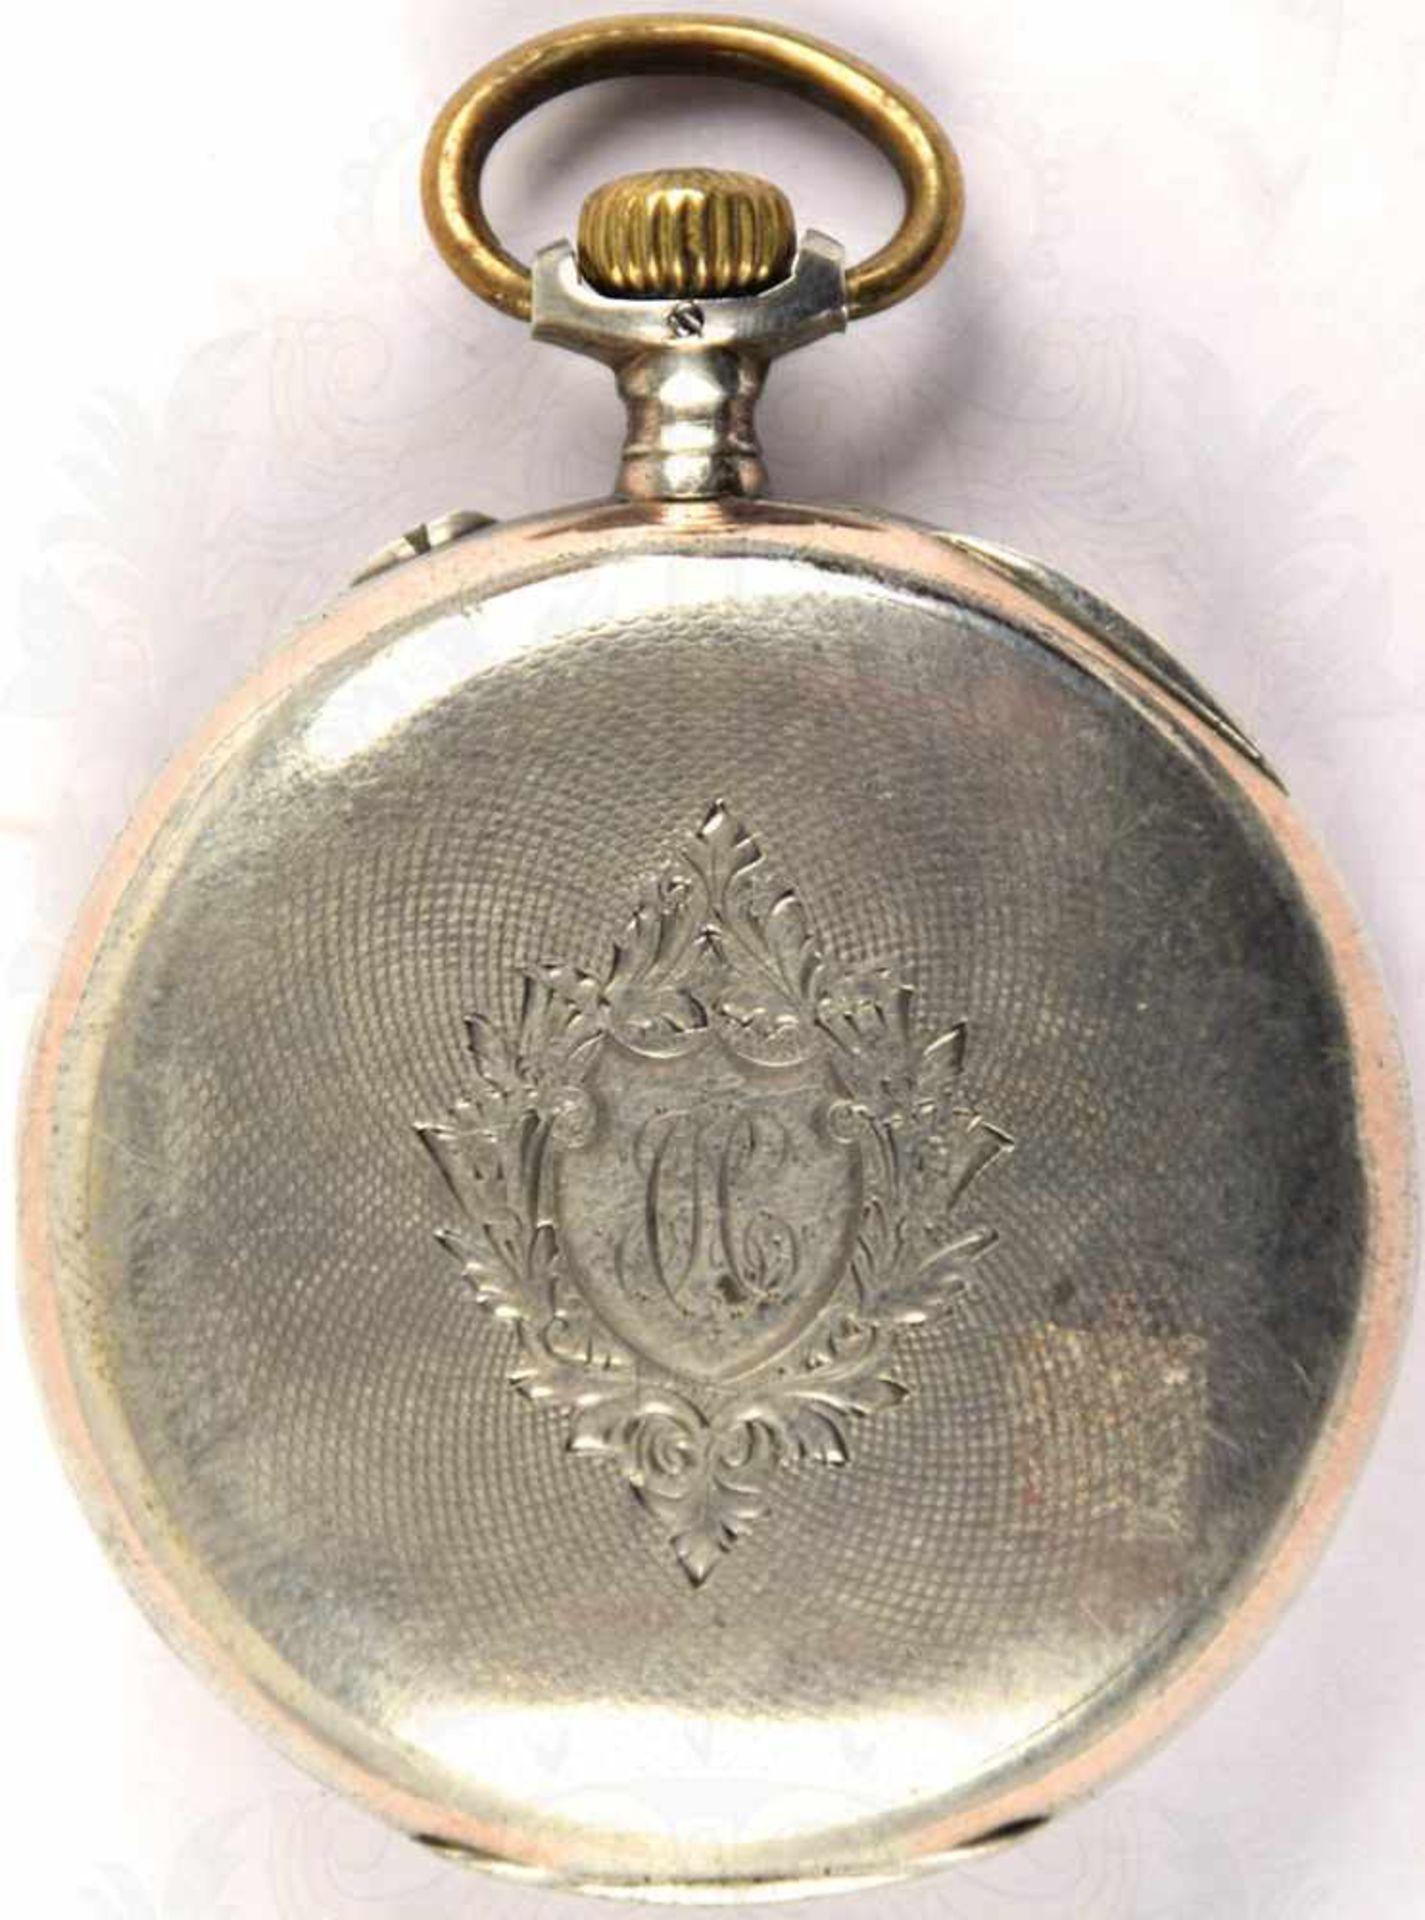 """HERREN-TASCHENUHR, Marke """"Longines"""", um 1900, Punze """"800"""", Kronenaufzug, Tragering u. Zeiger - Bild 5 aus 5"""